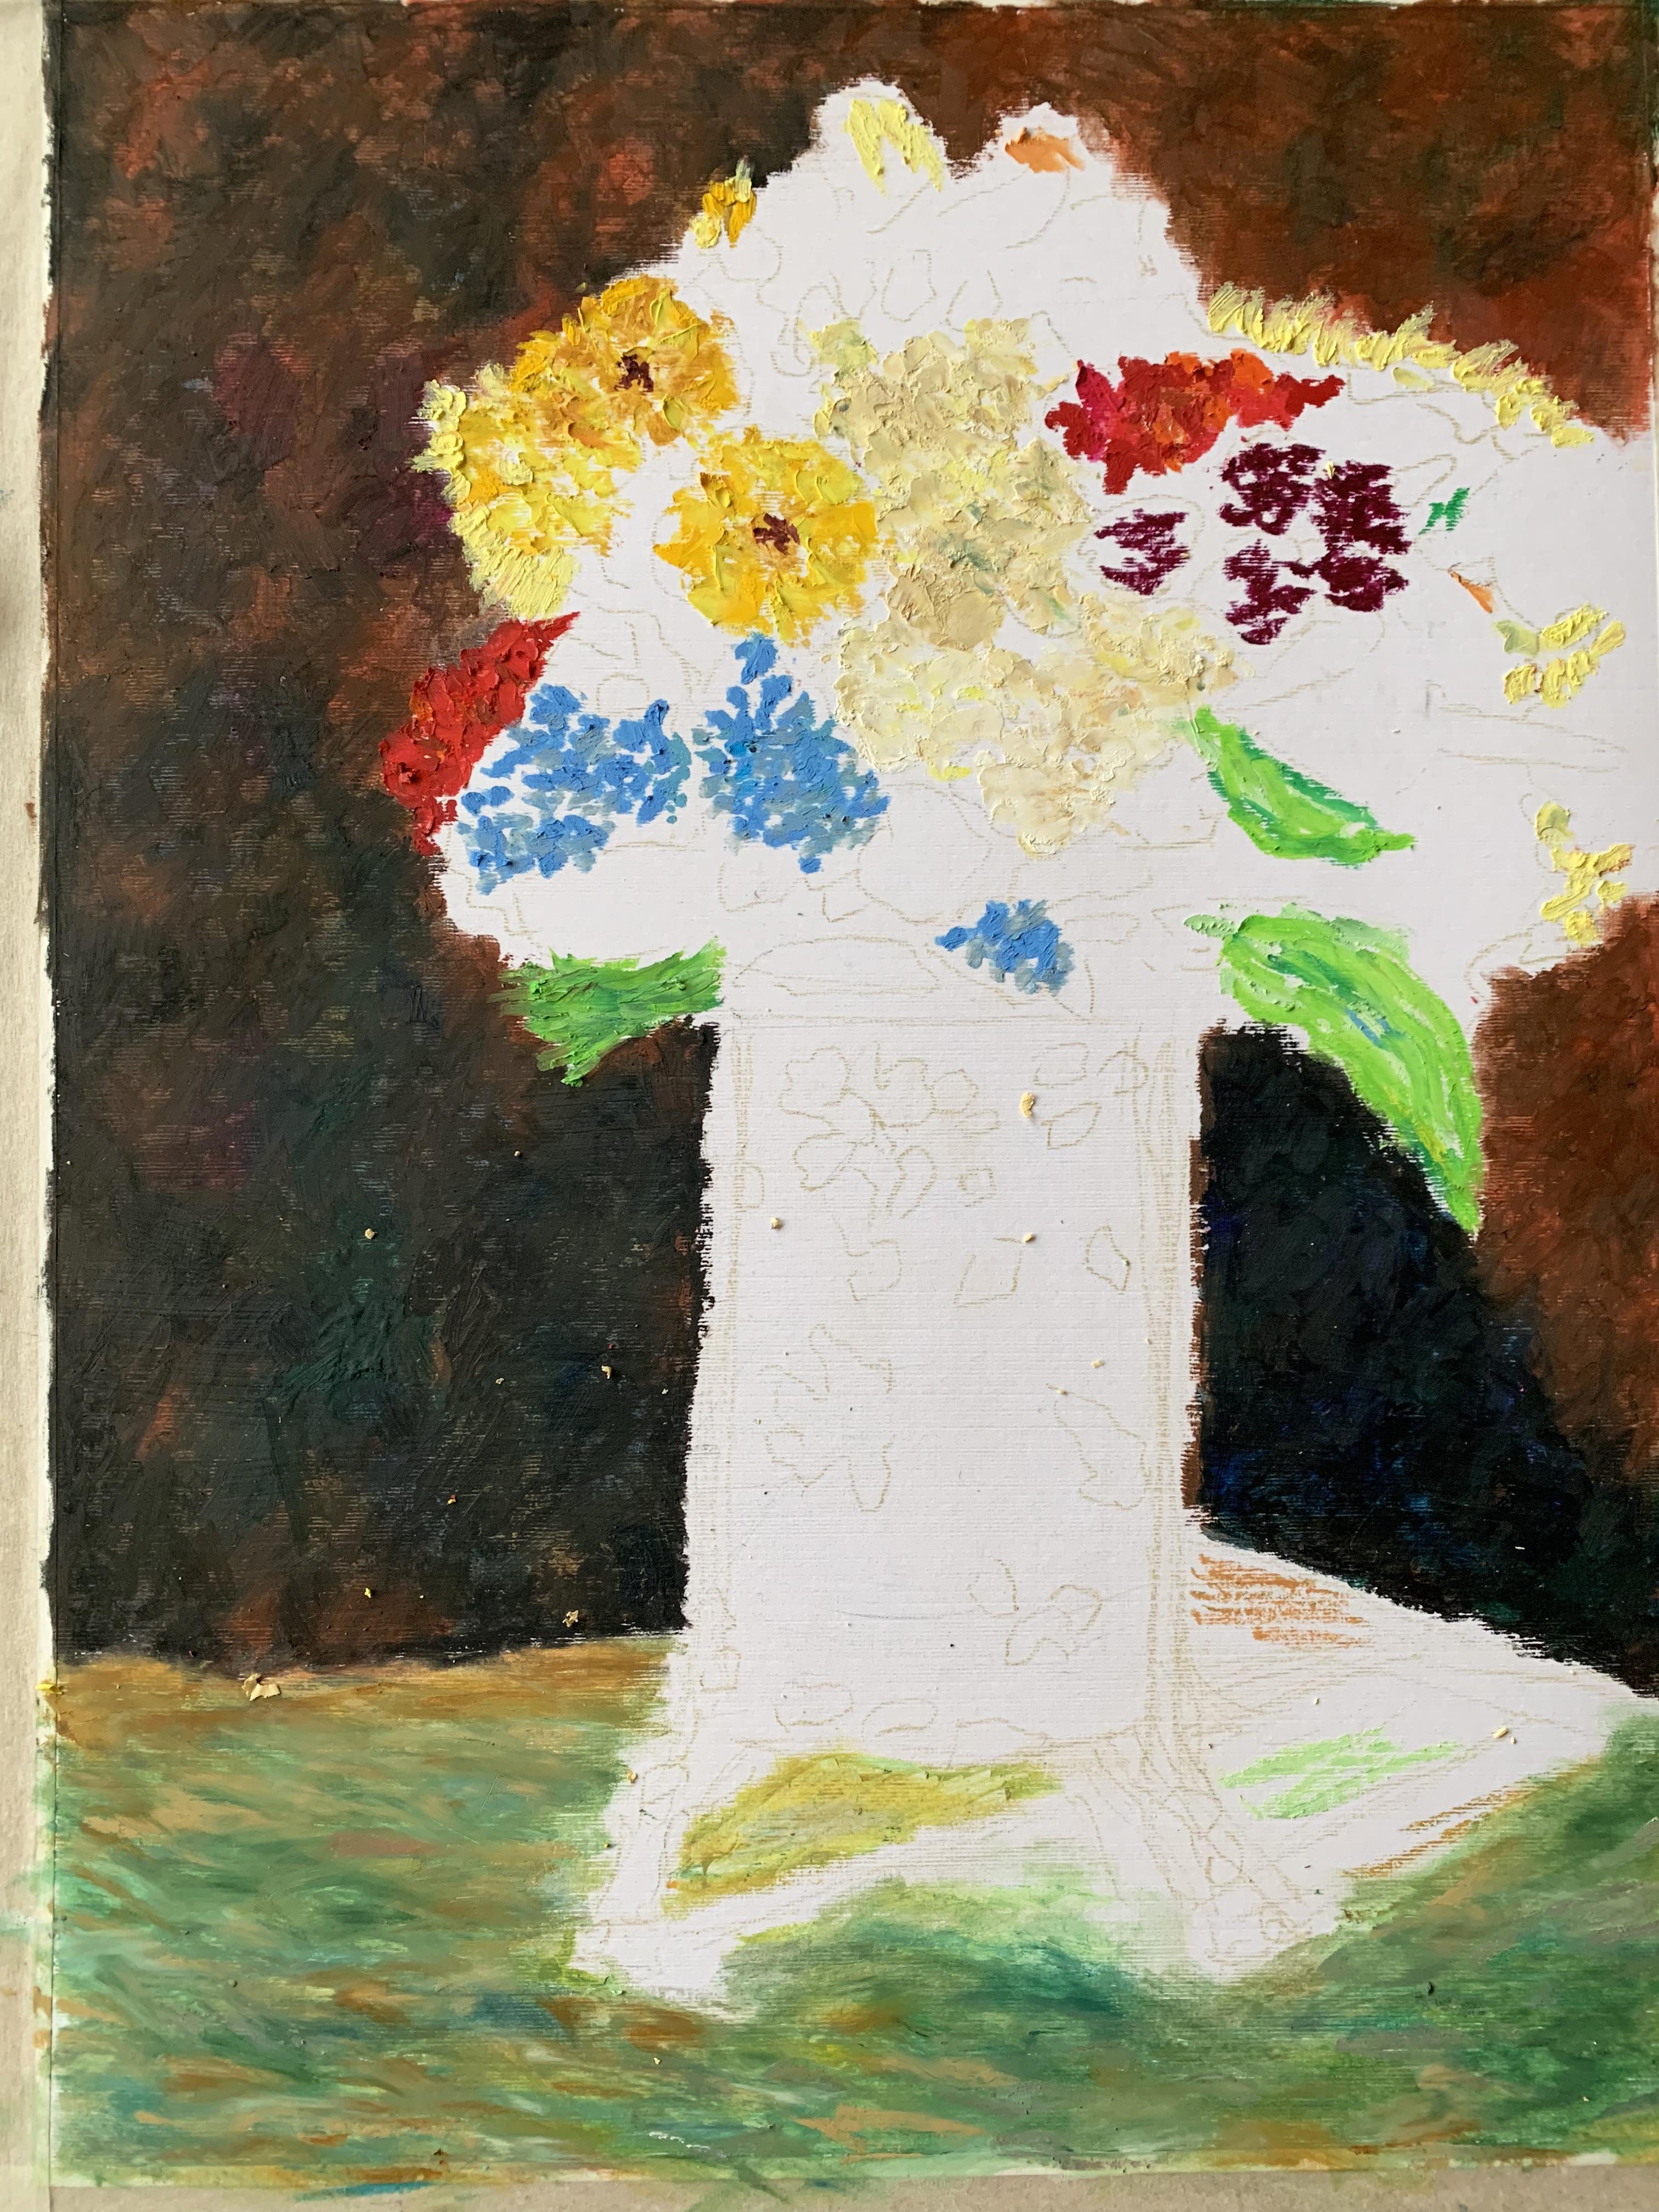 Цветы букет натюрморт масляная пастель рисунок Монтичелли Ван Гог картина художник Альберт Сафиуллин